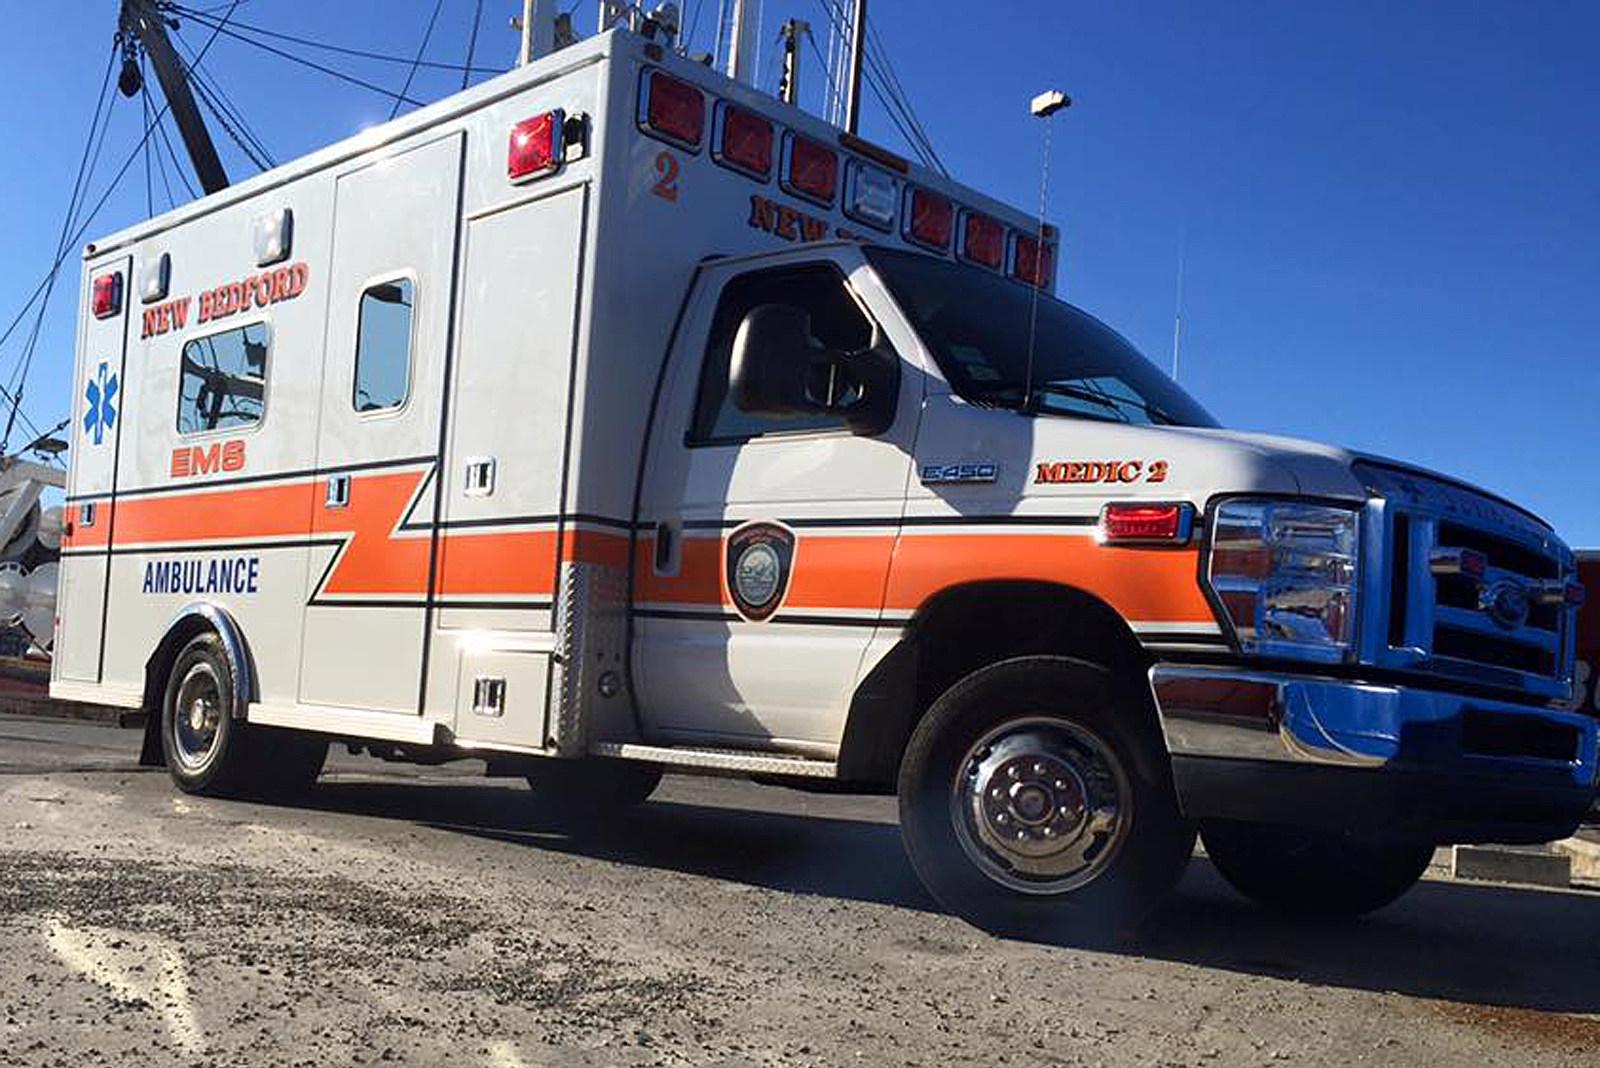 New Bedford EMS/Facebook